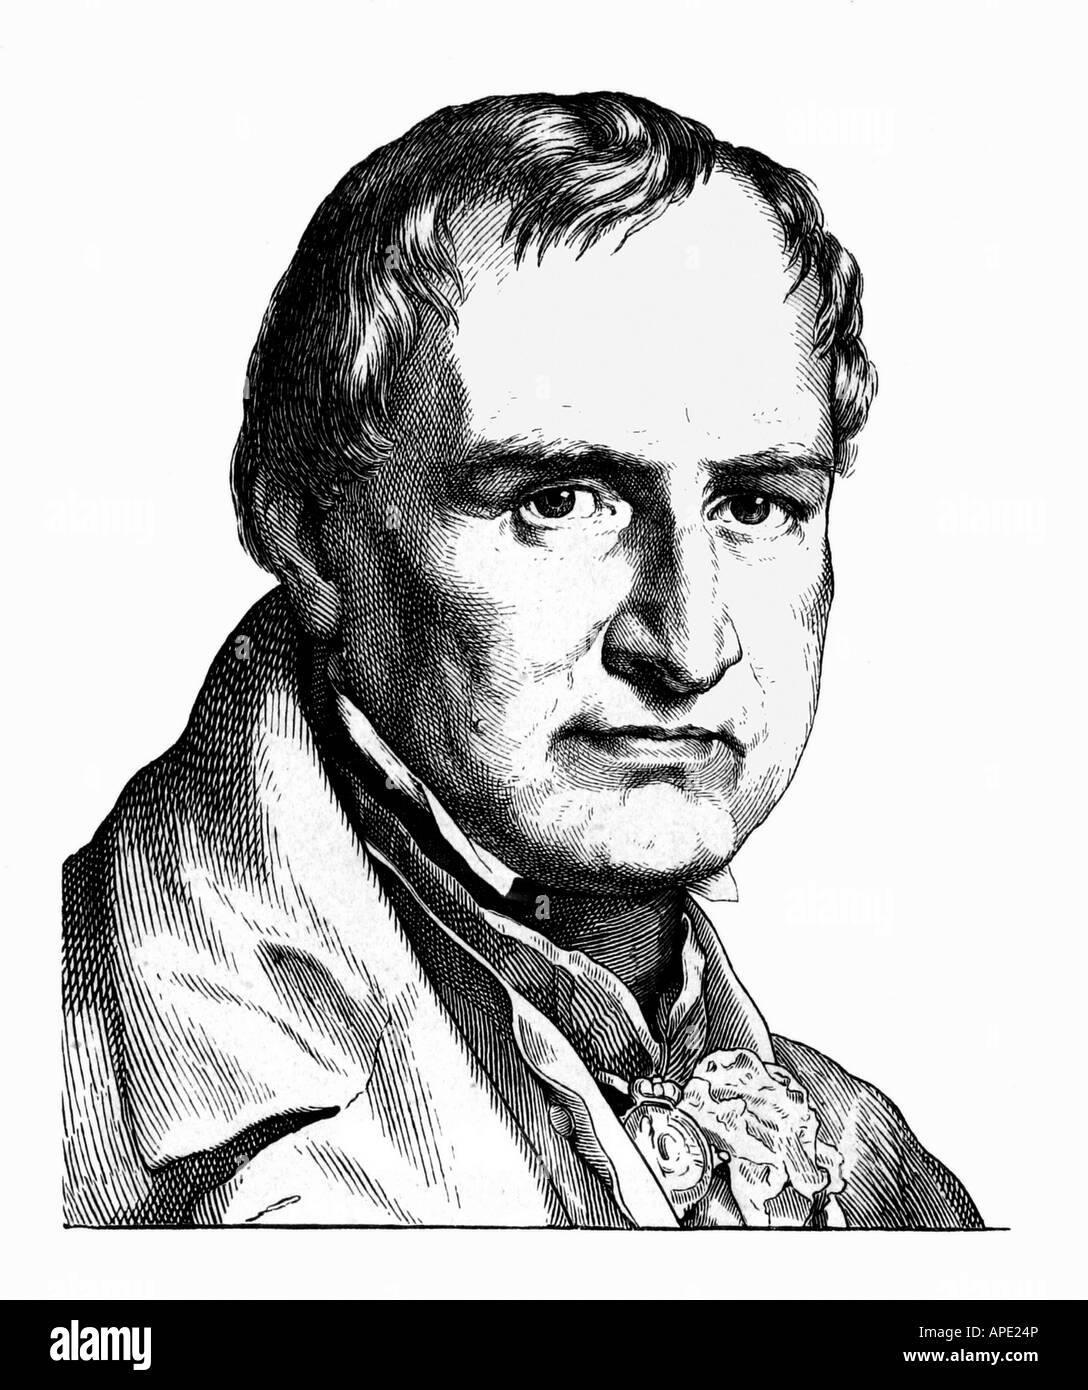 Buch, Leopold von cristiana, 26. 4.1774 - 4.3.1853, geólogo alemán, retrato, acero grabado, del siglo XIX, el Copyright del artista no ha de ser borrado Foto de stock